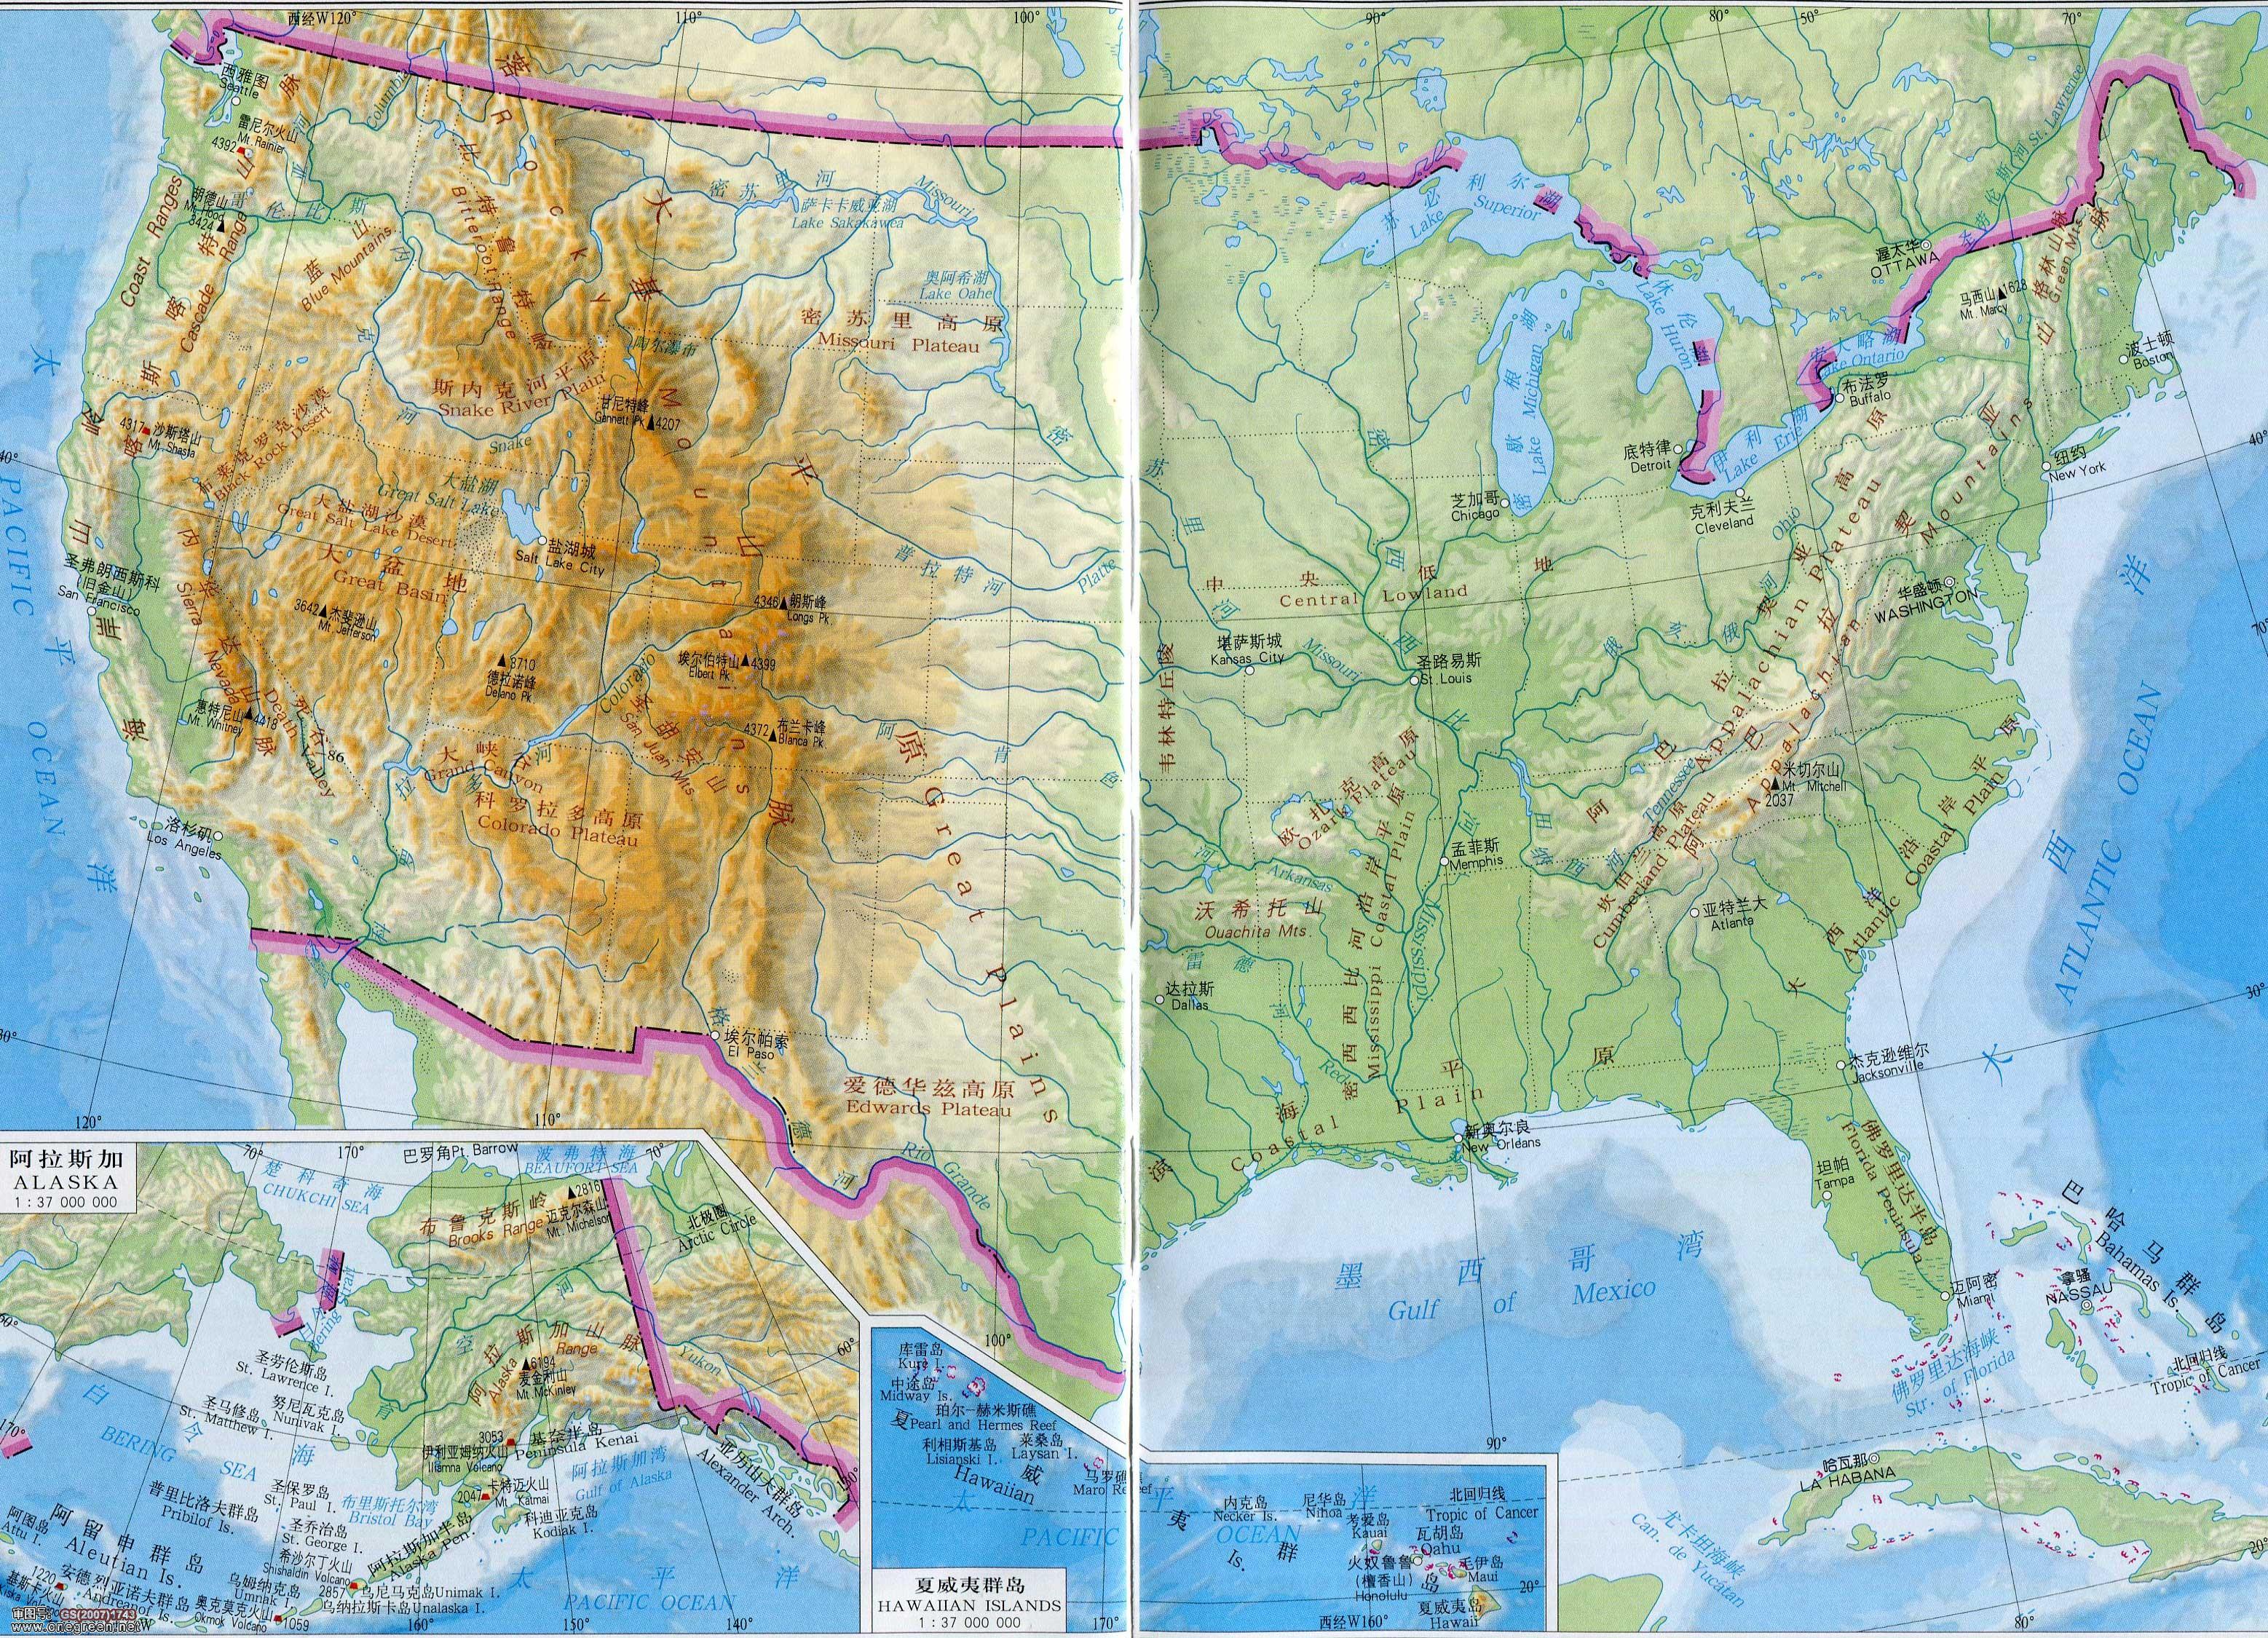 锦州黑山县地图全图,锦州黑山县地图高清... - 8264户外8264.com